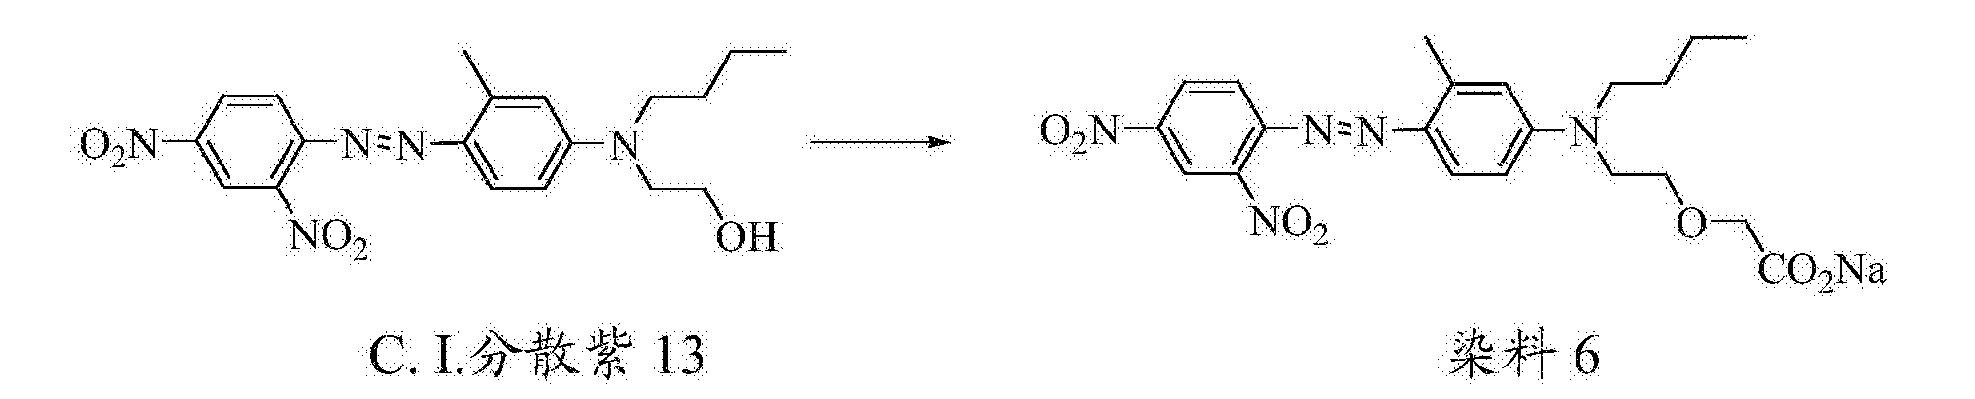 Figure CN104350106BD00211